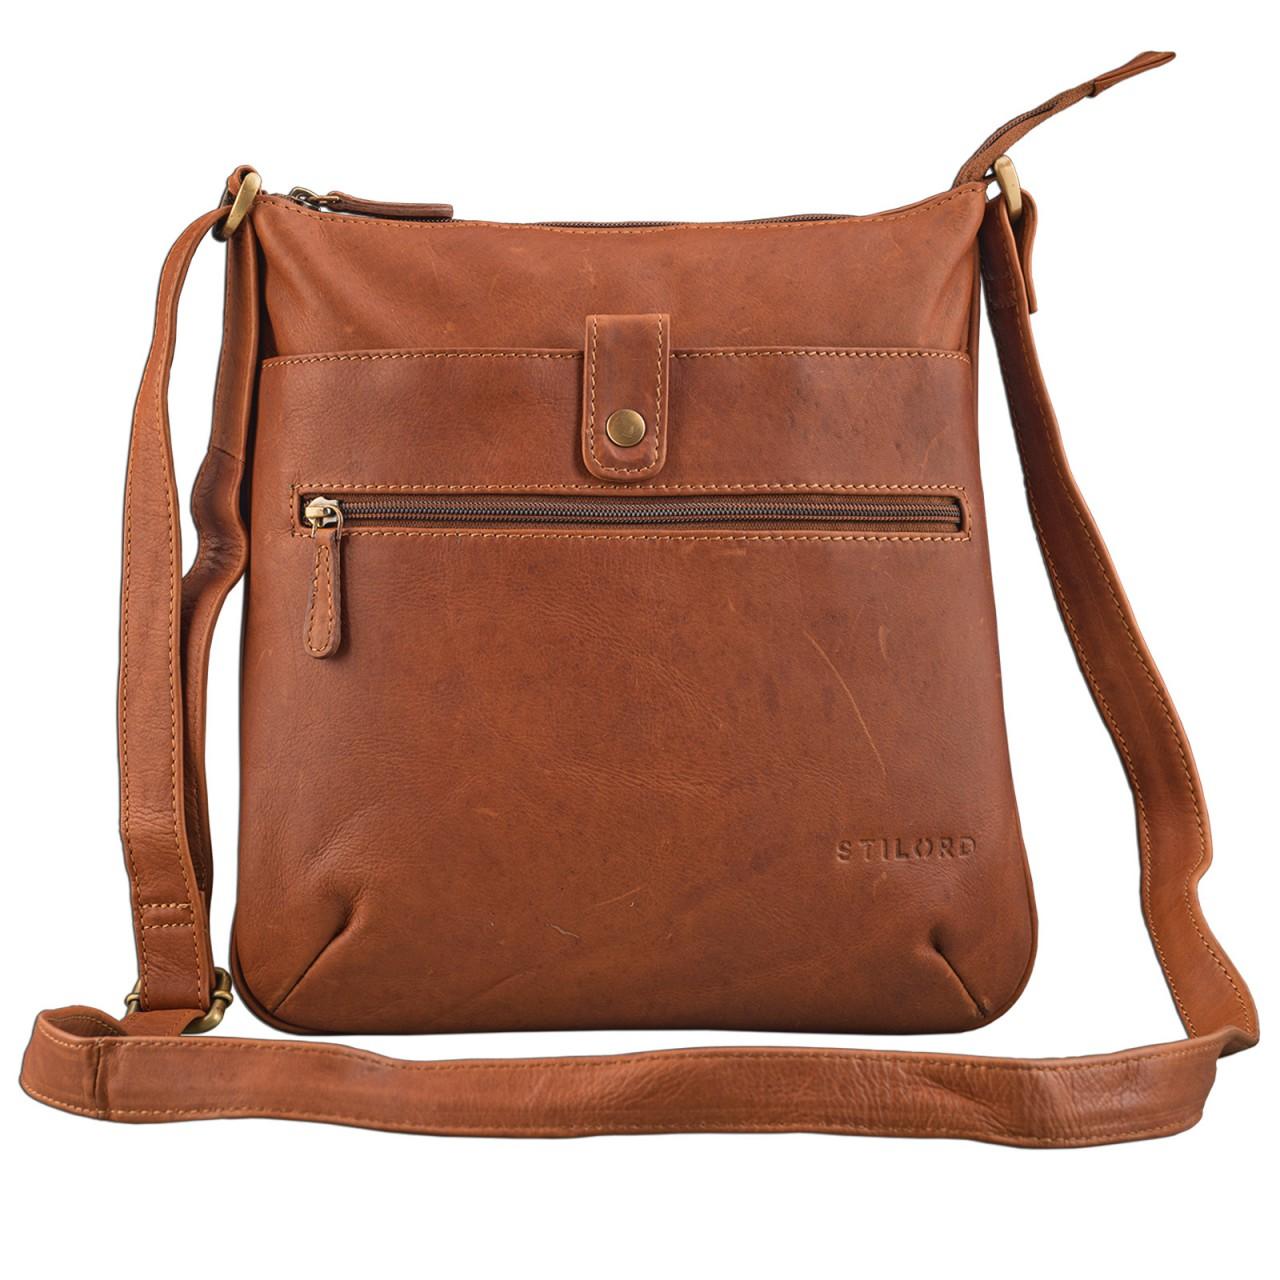 """STILORD """"Lina"""" Elegante Vintage Damen Umhängetasche Schultertasche klein Abendtasche klassische Handtasche 10.1 Zoll Tablettasche echtes Leder - Bild 10"""